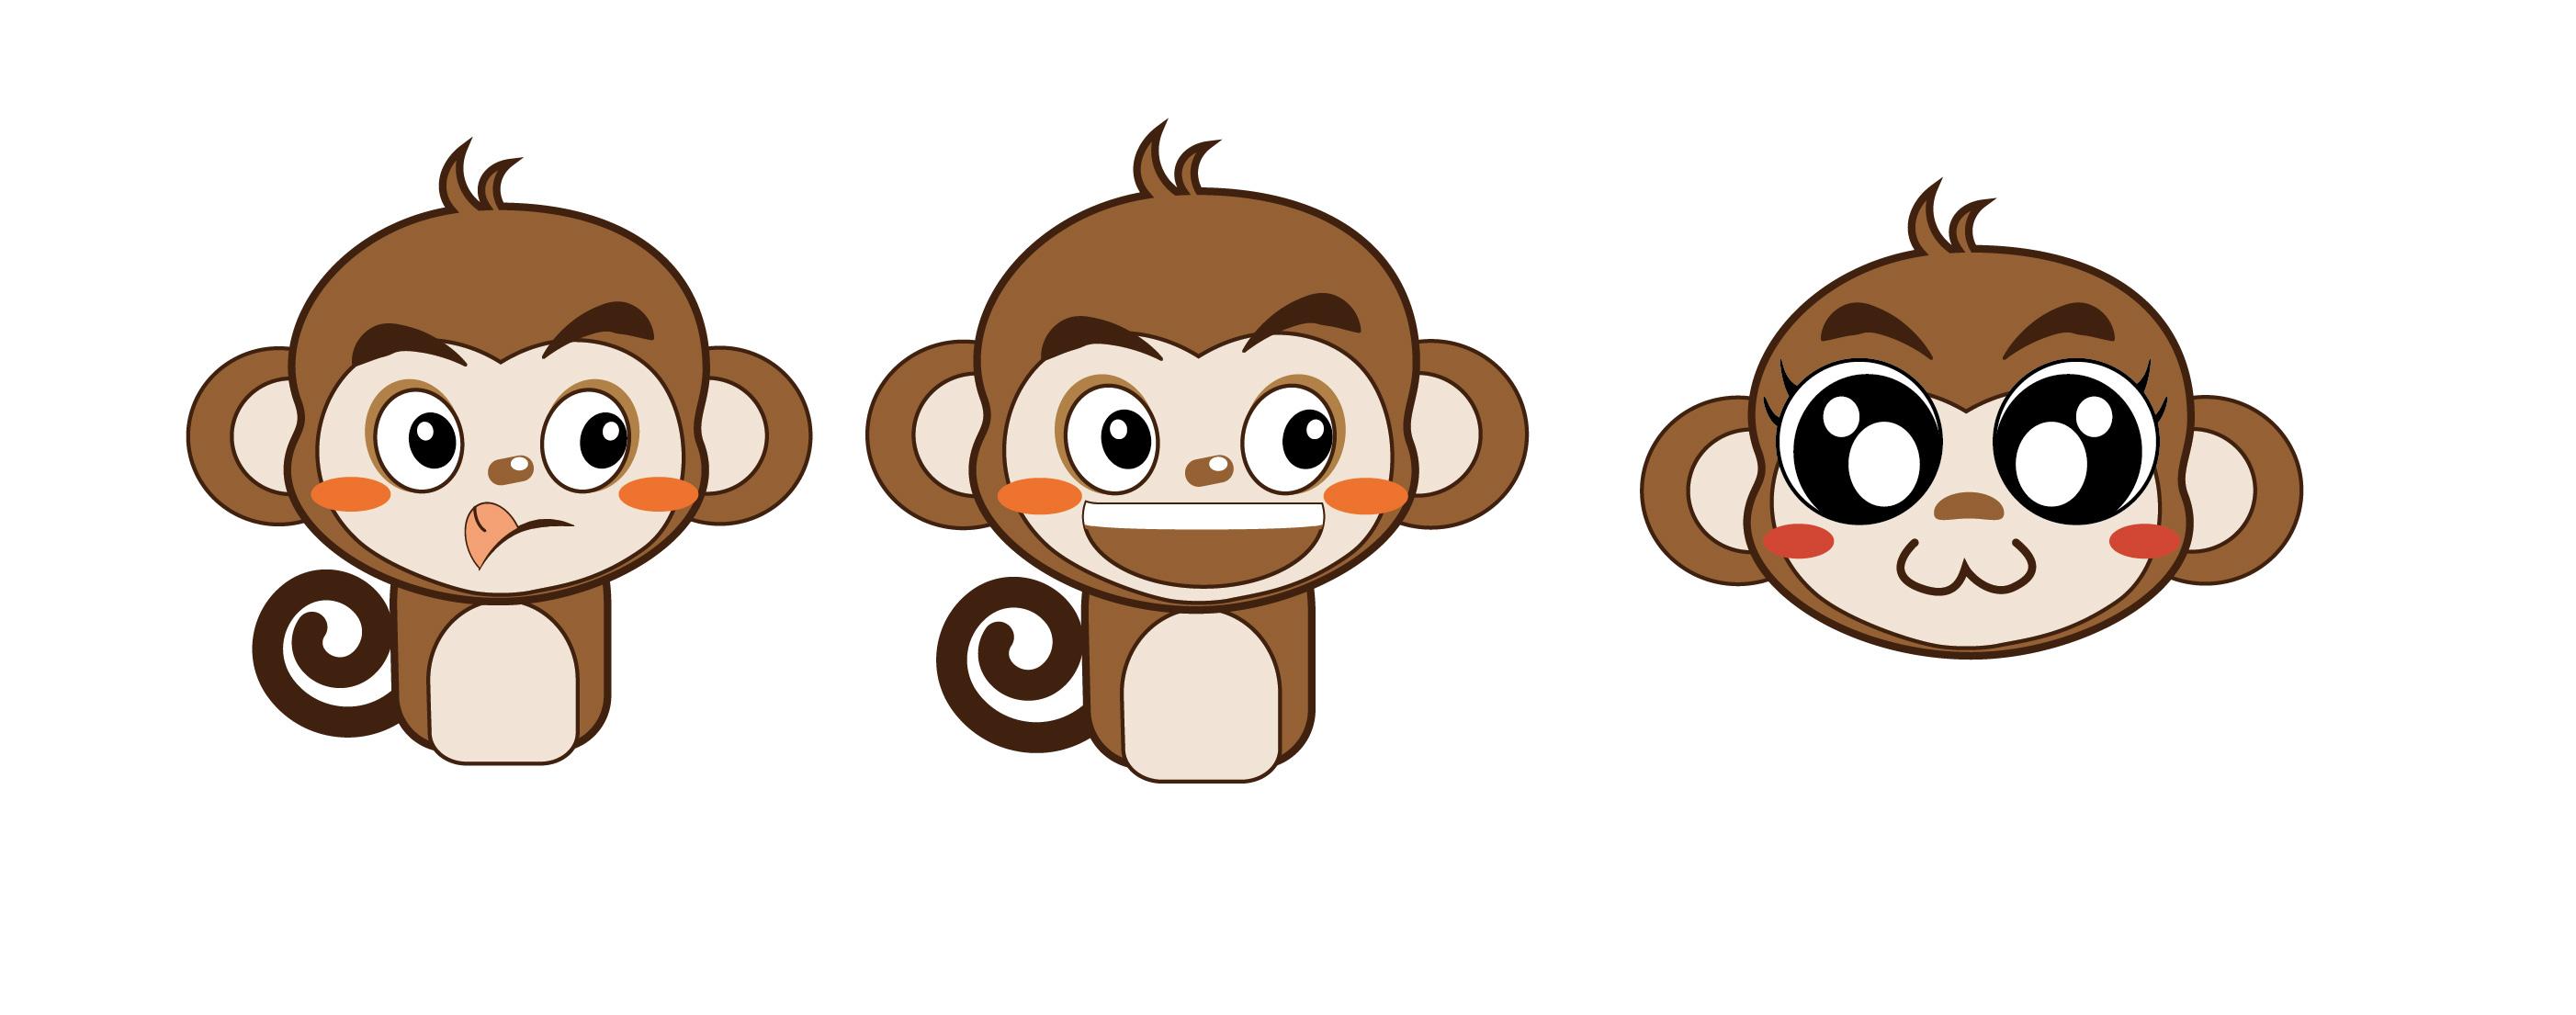 卡通小猴子吉祥物练习,上传了原文件,有